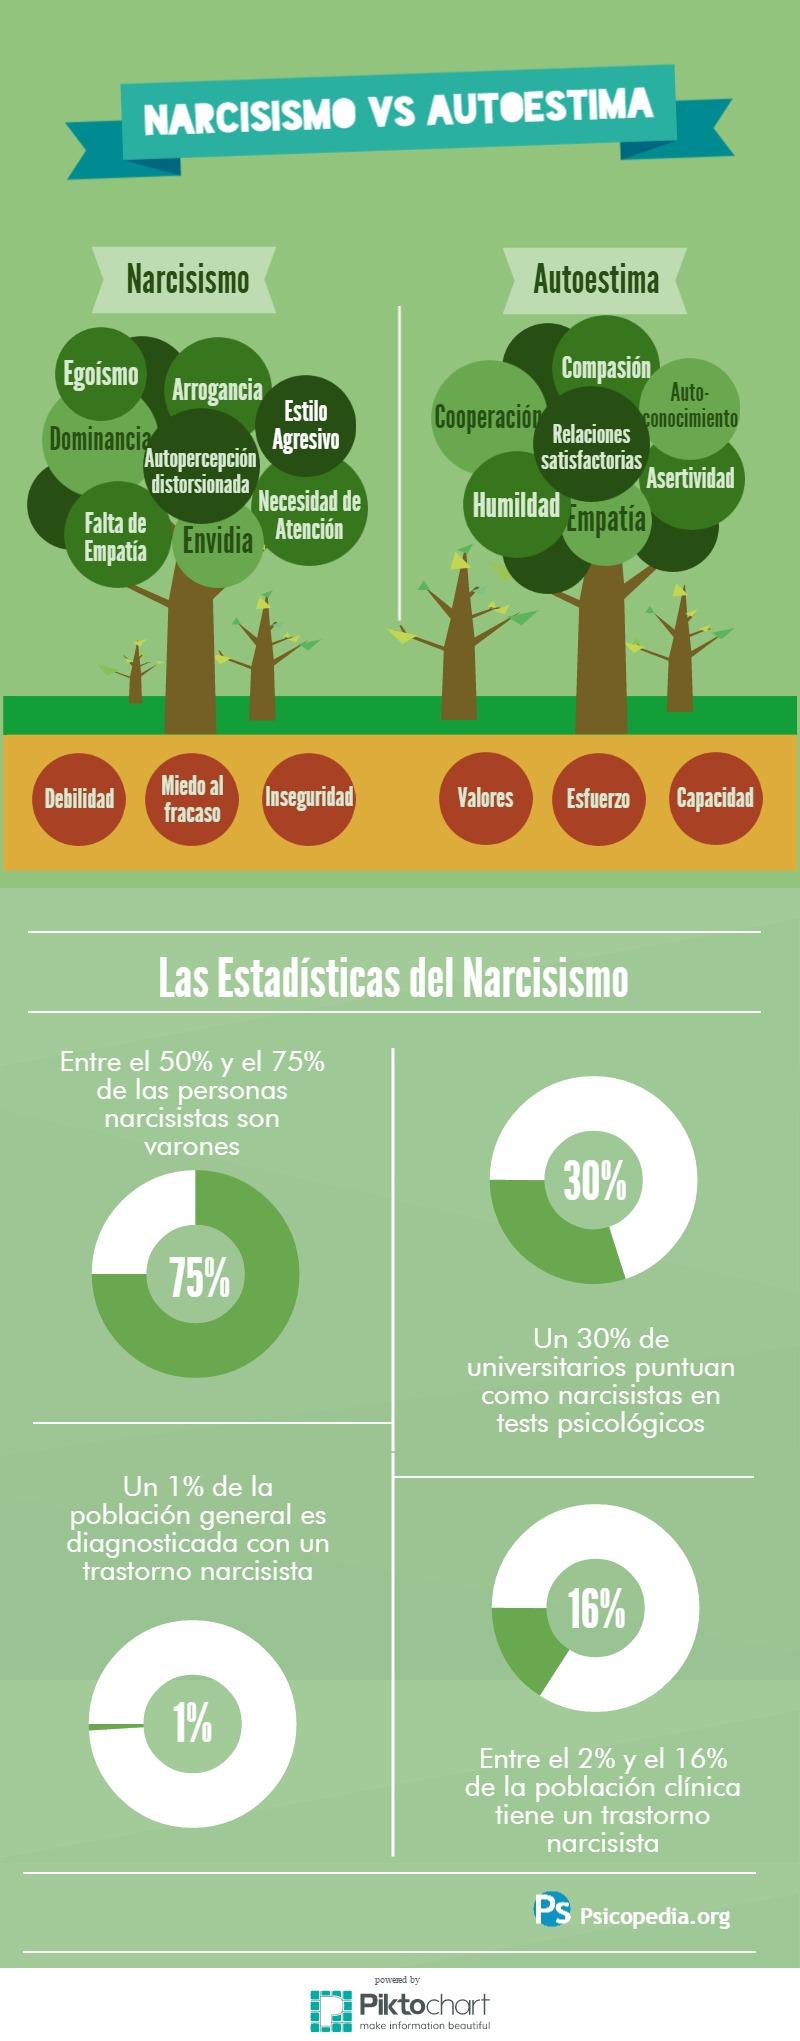 Narcisismo vs Autoestima